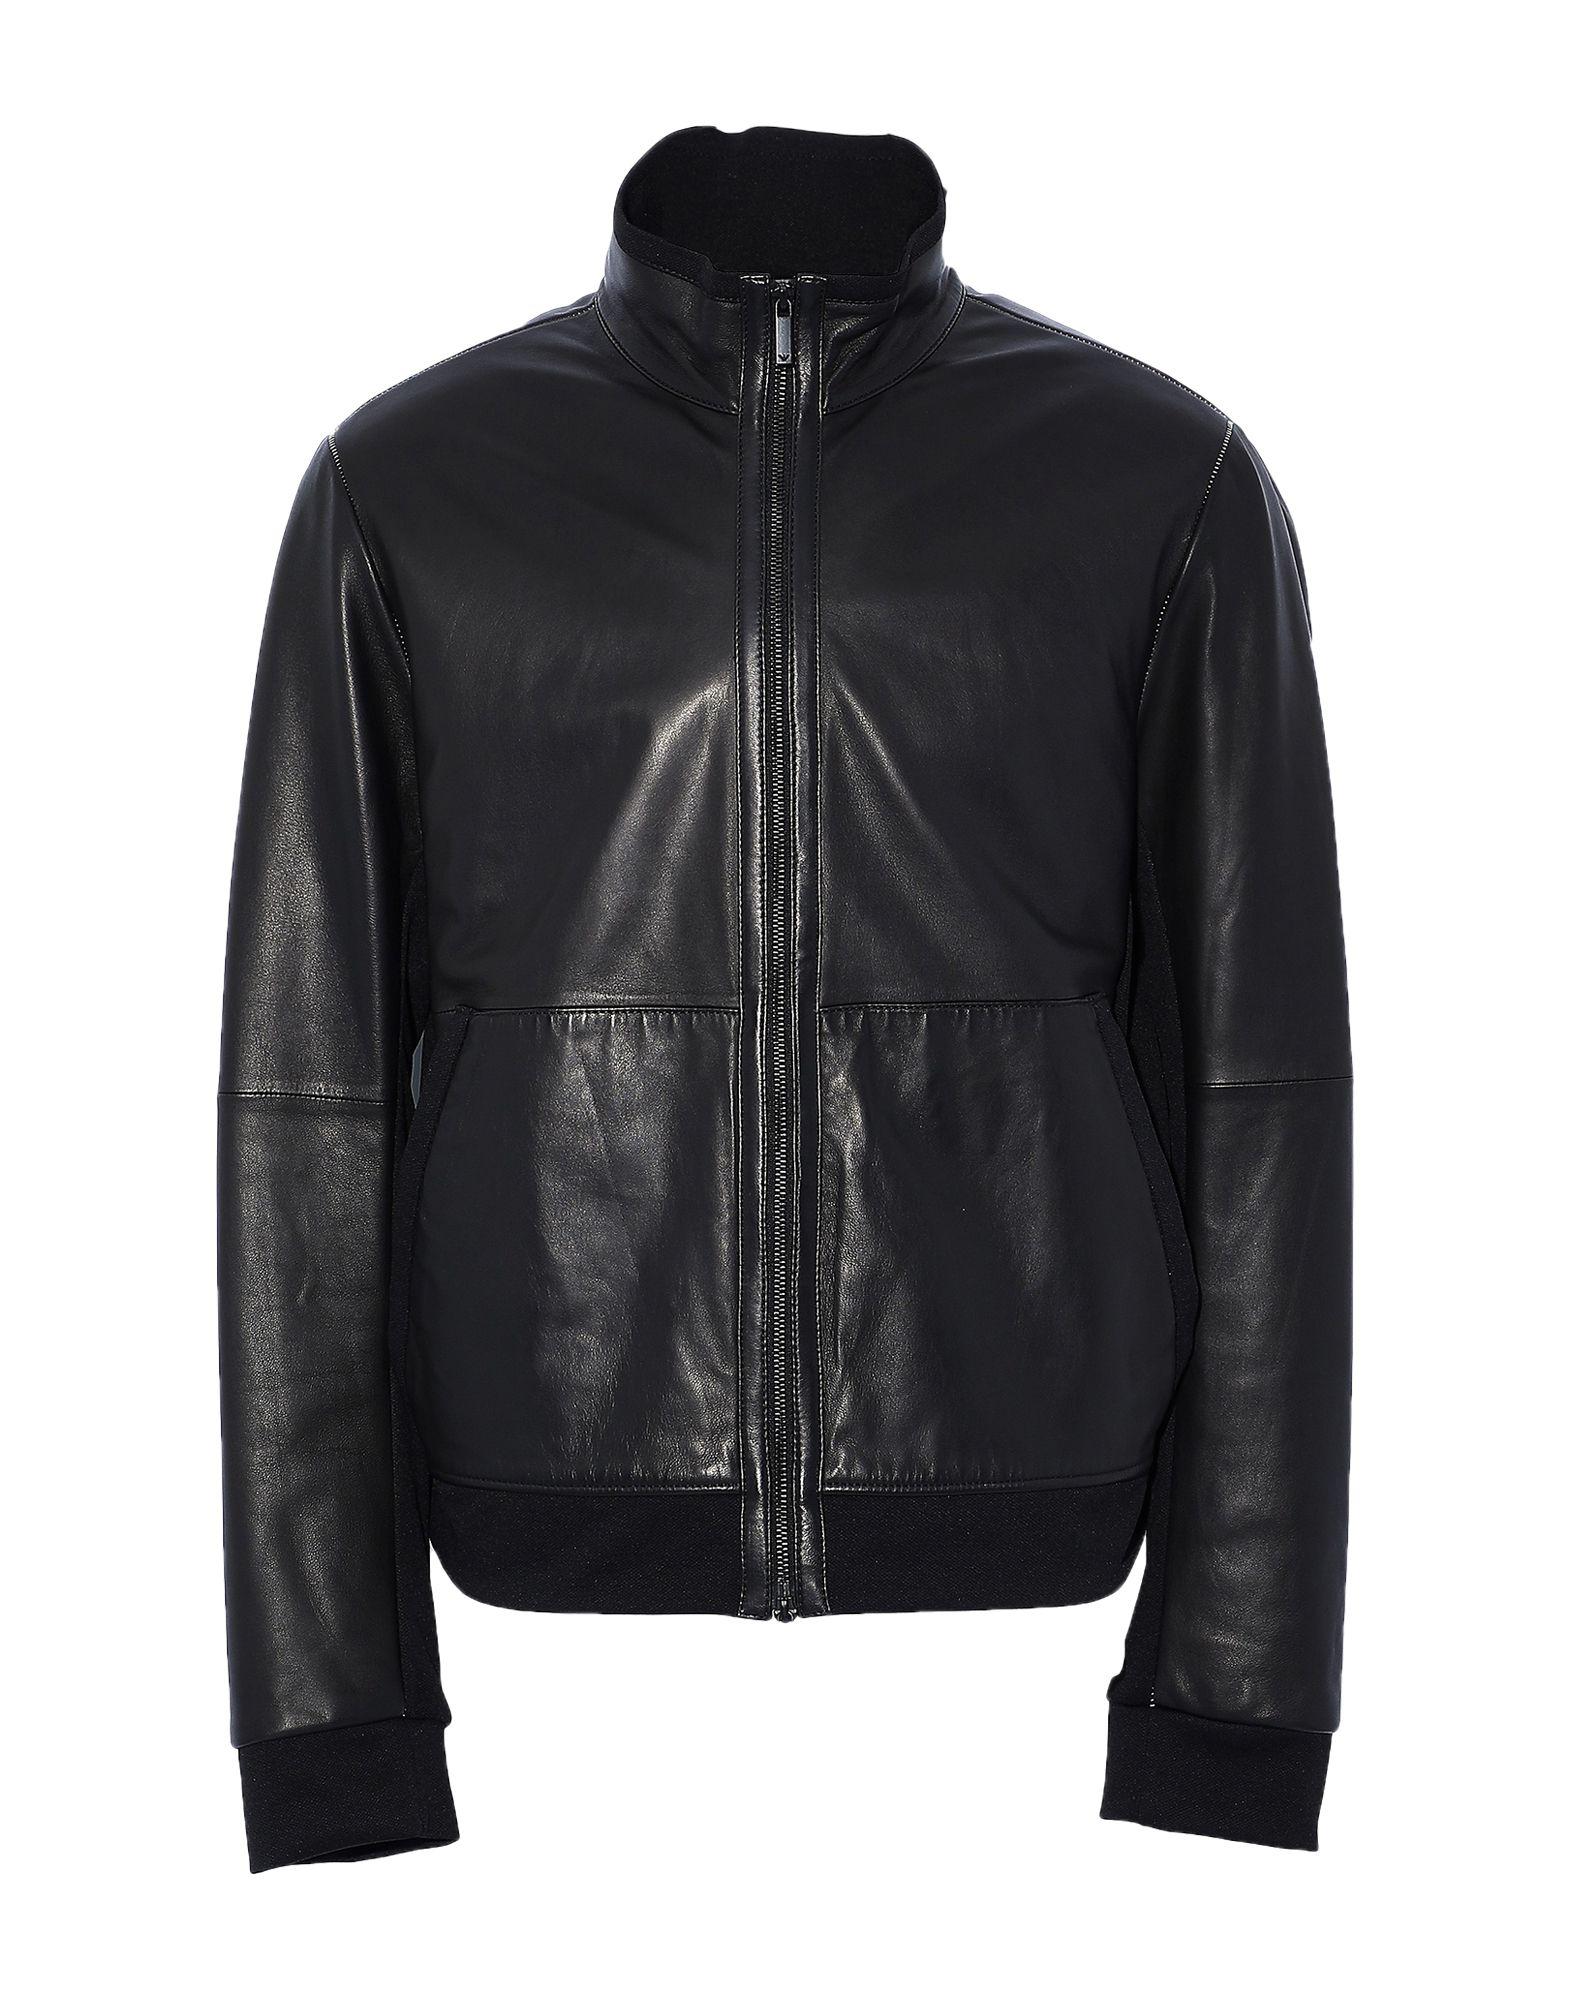 EMPORIO ARMANI Jackets - Item 41914994